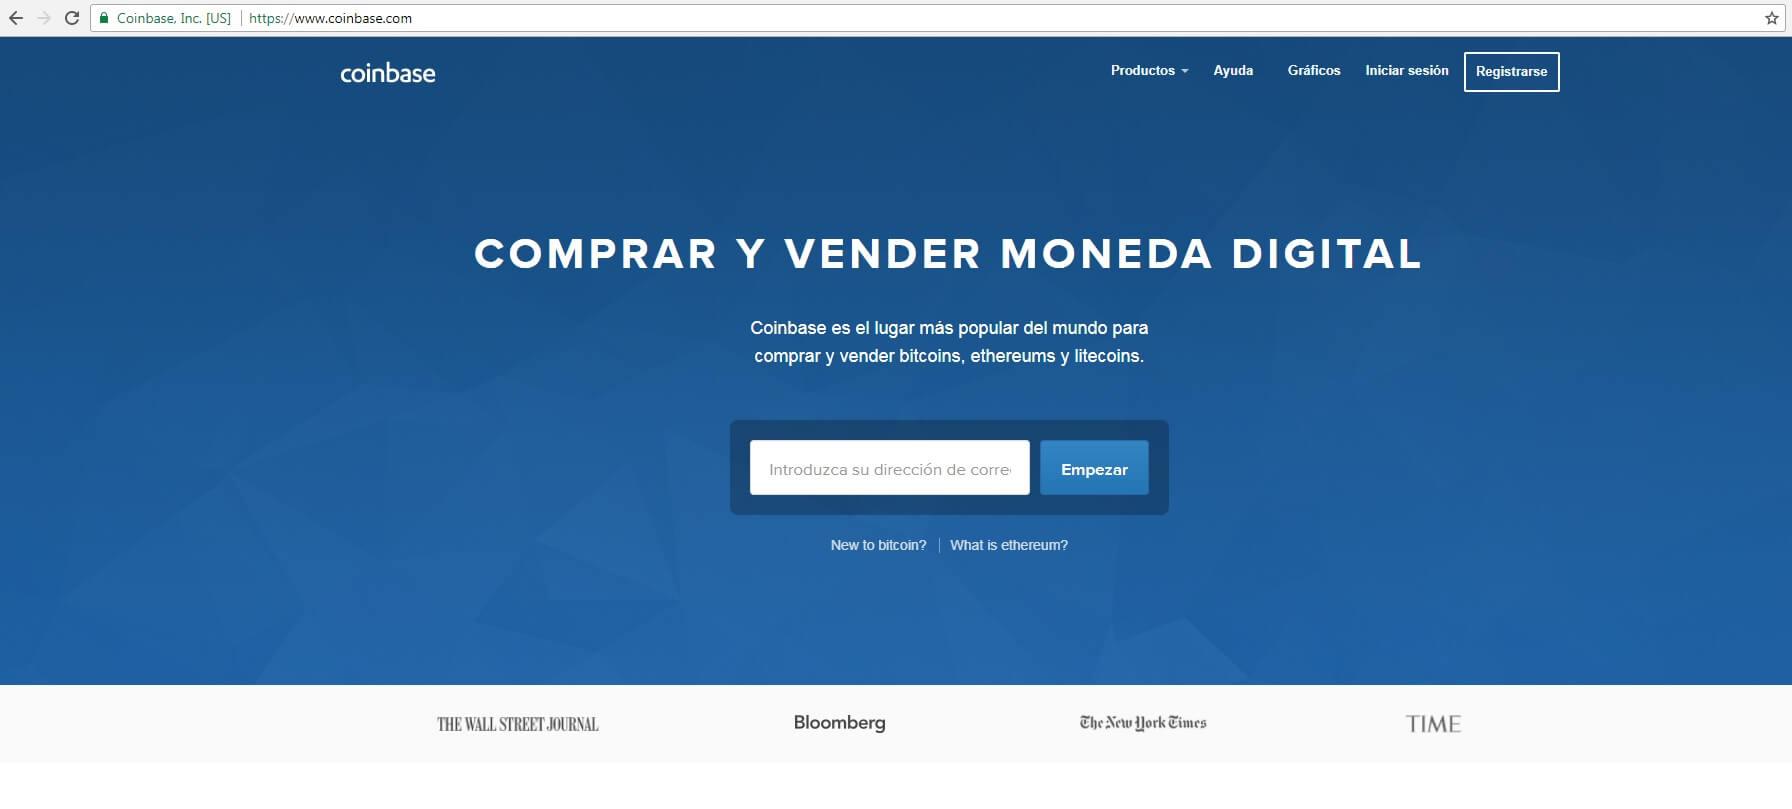 Pagina Coinbase. Inicio